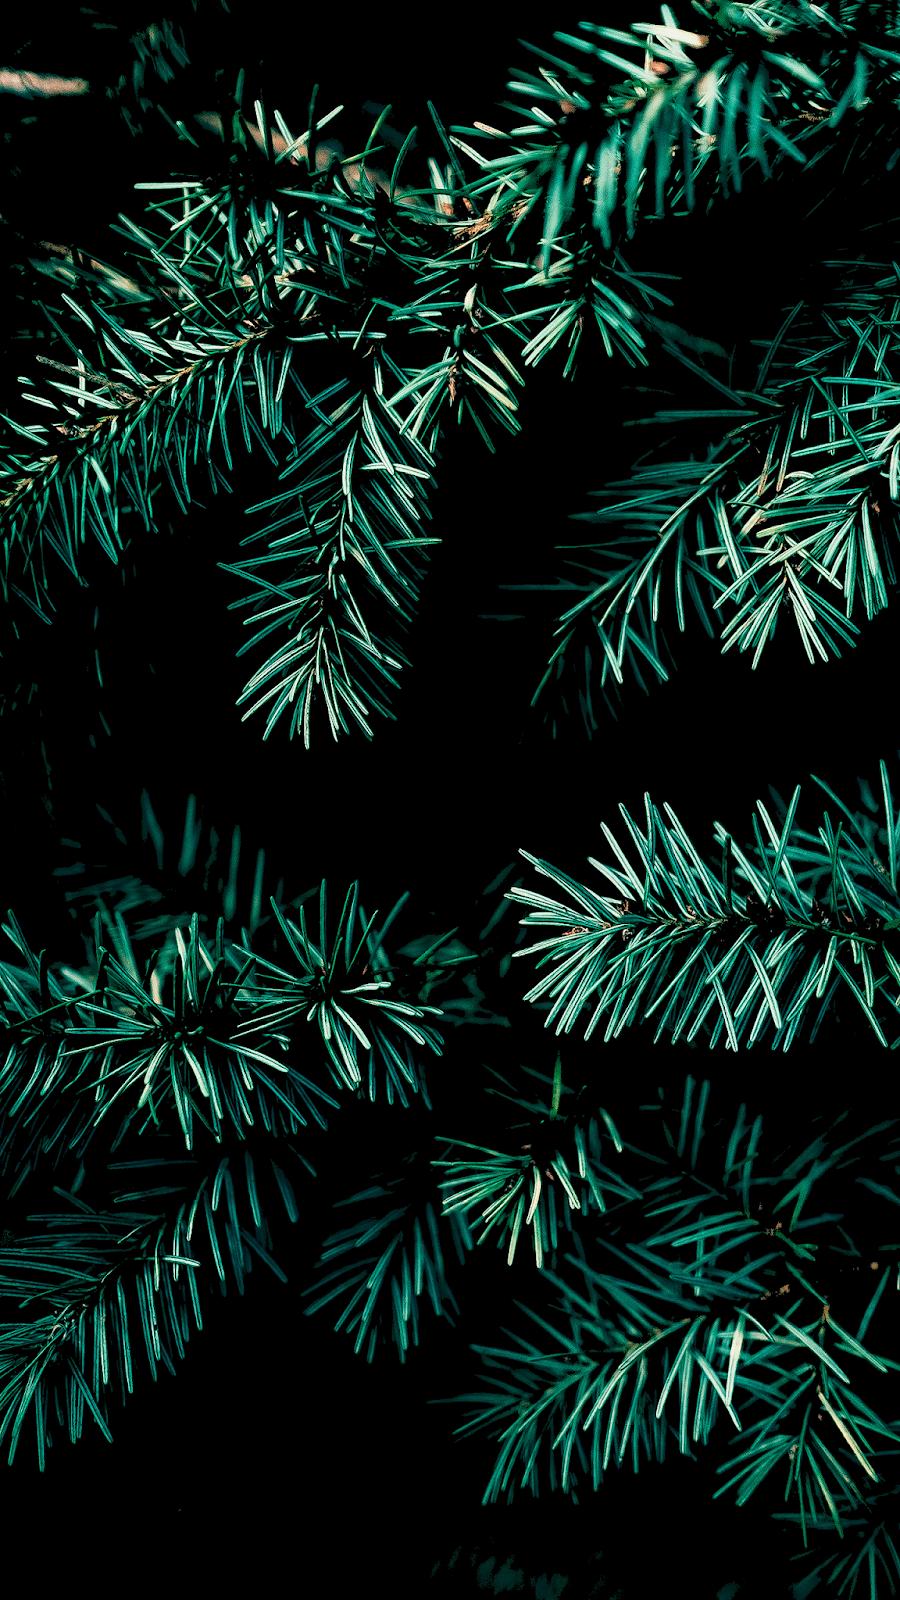 Christmas vibe for Amoled display